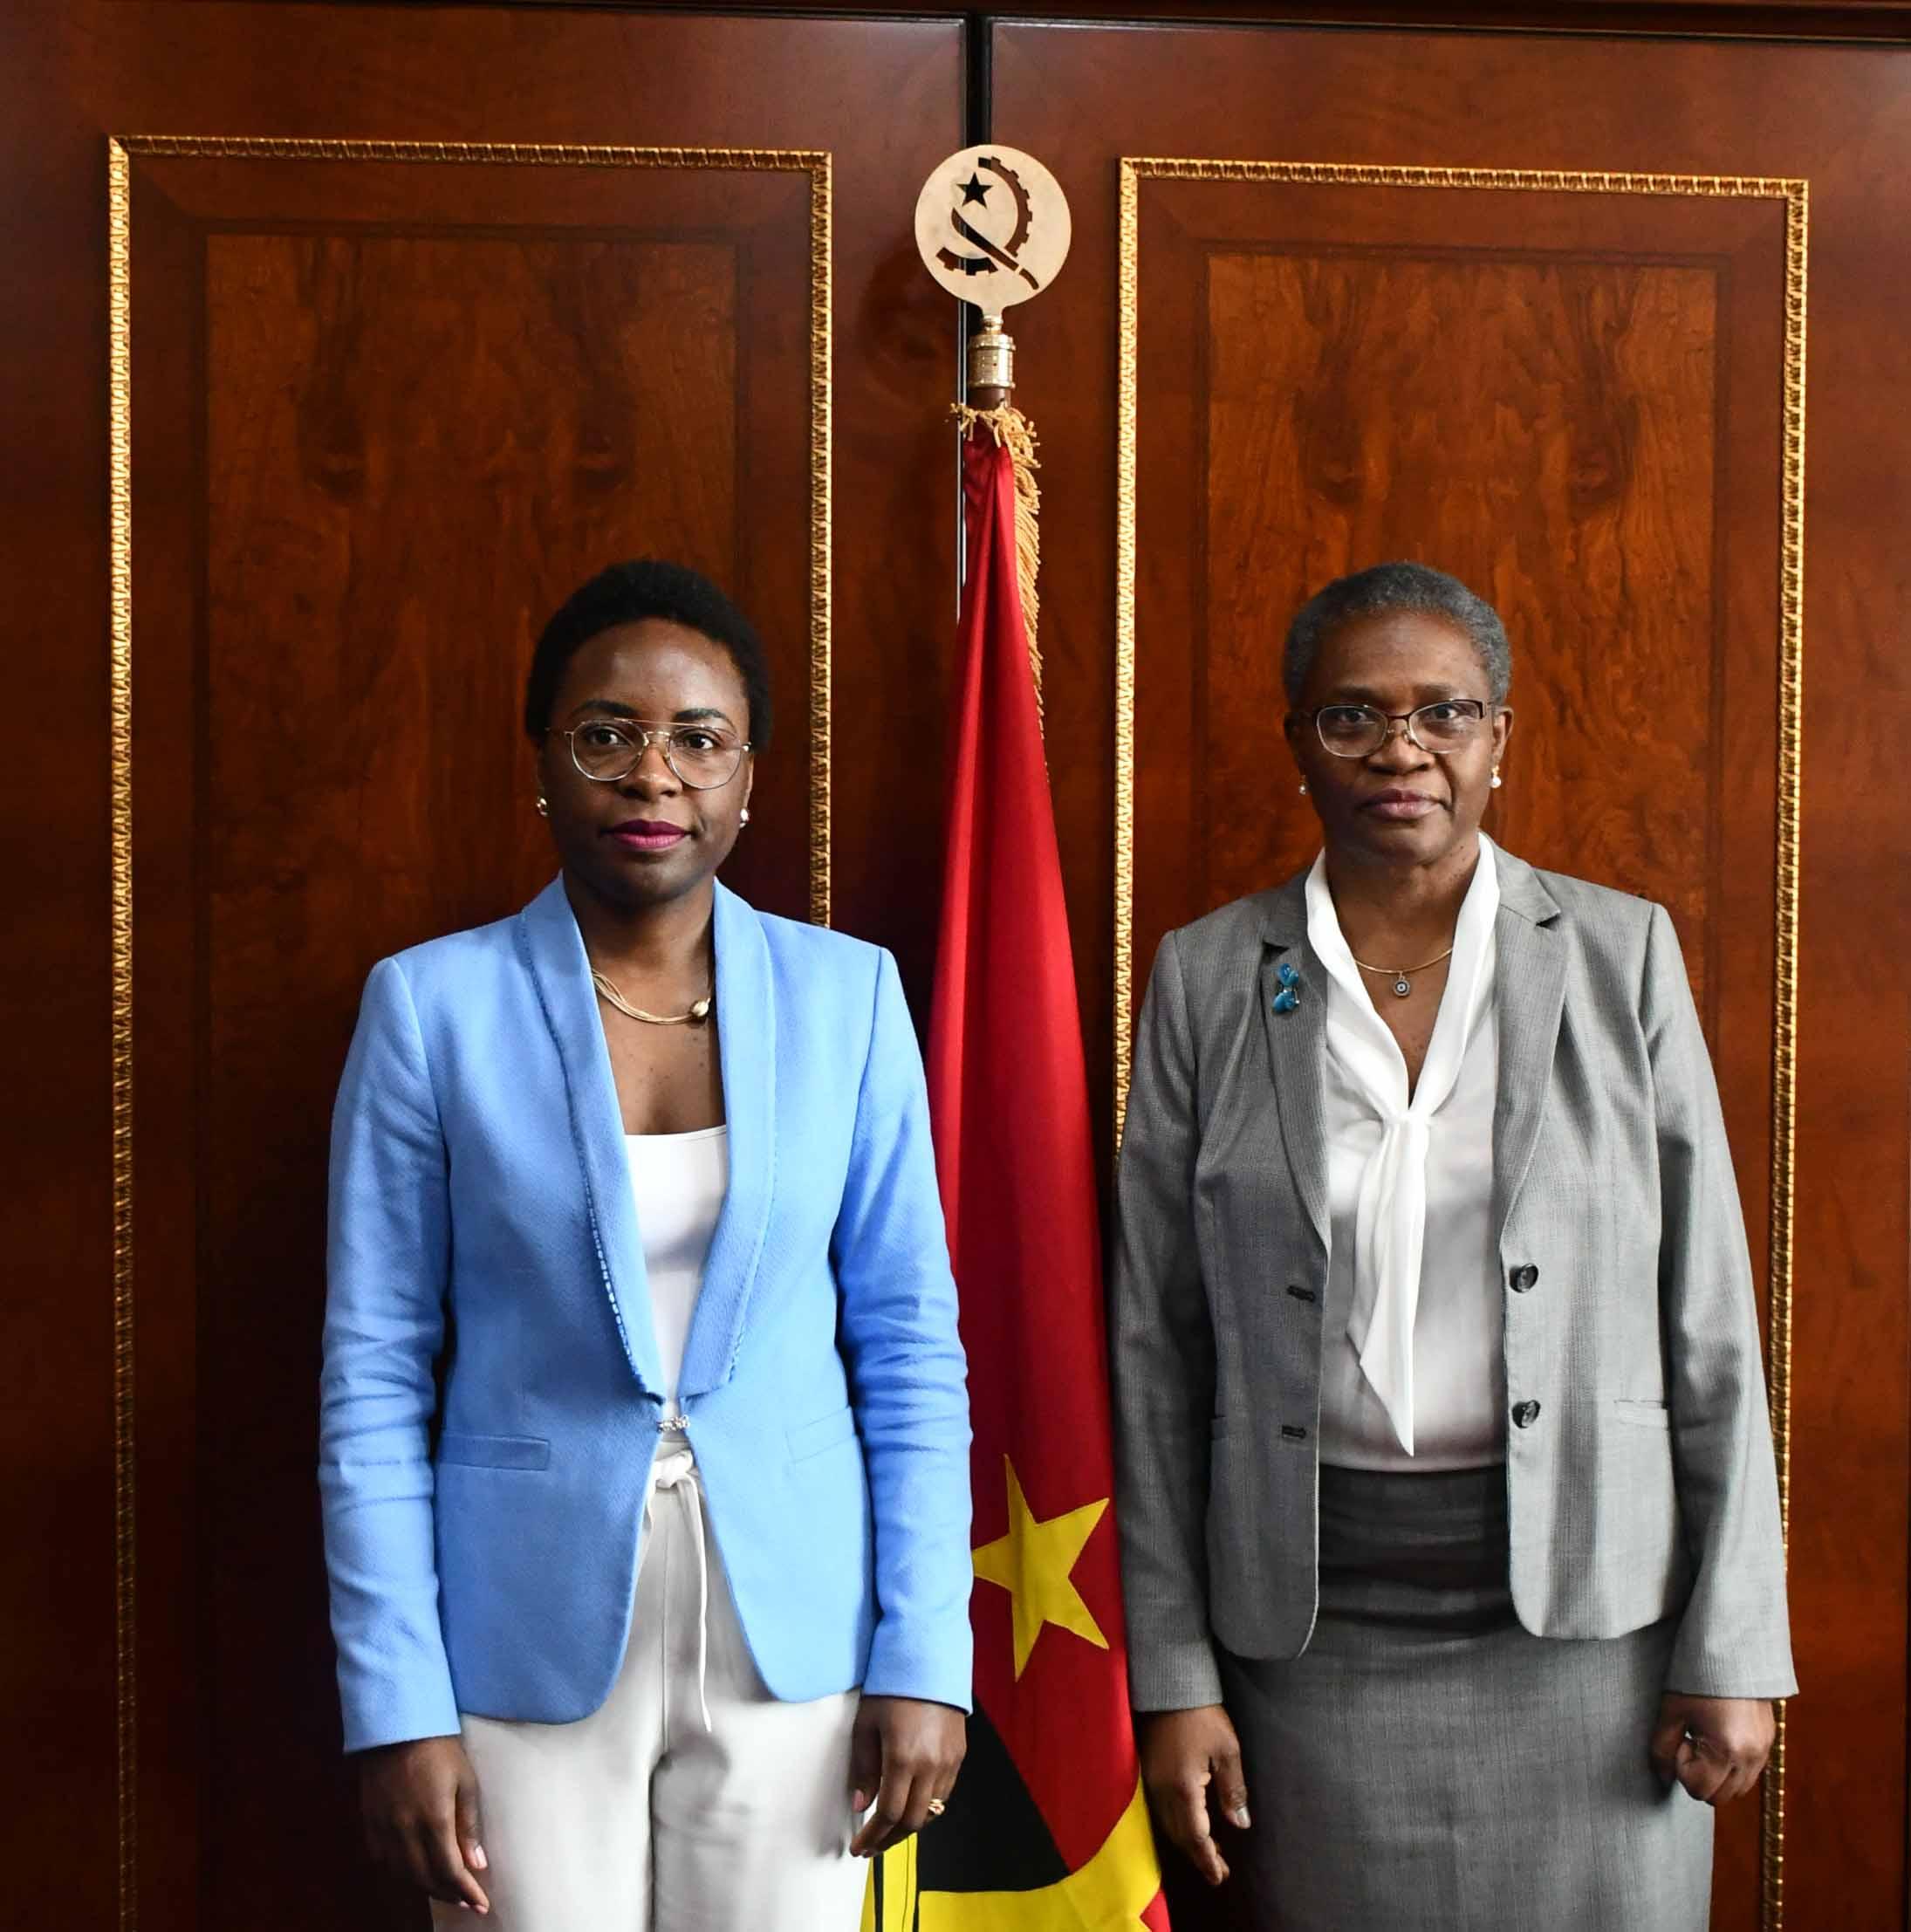 Juíza Presidente do Tribunal de Contas recebe em audiência a nova Ministra das Finanças